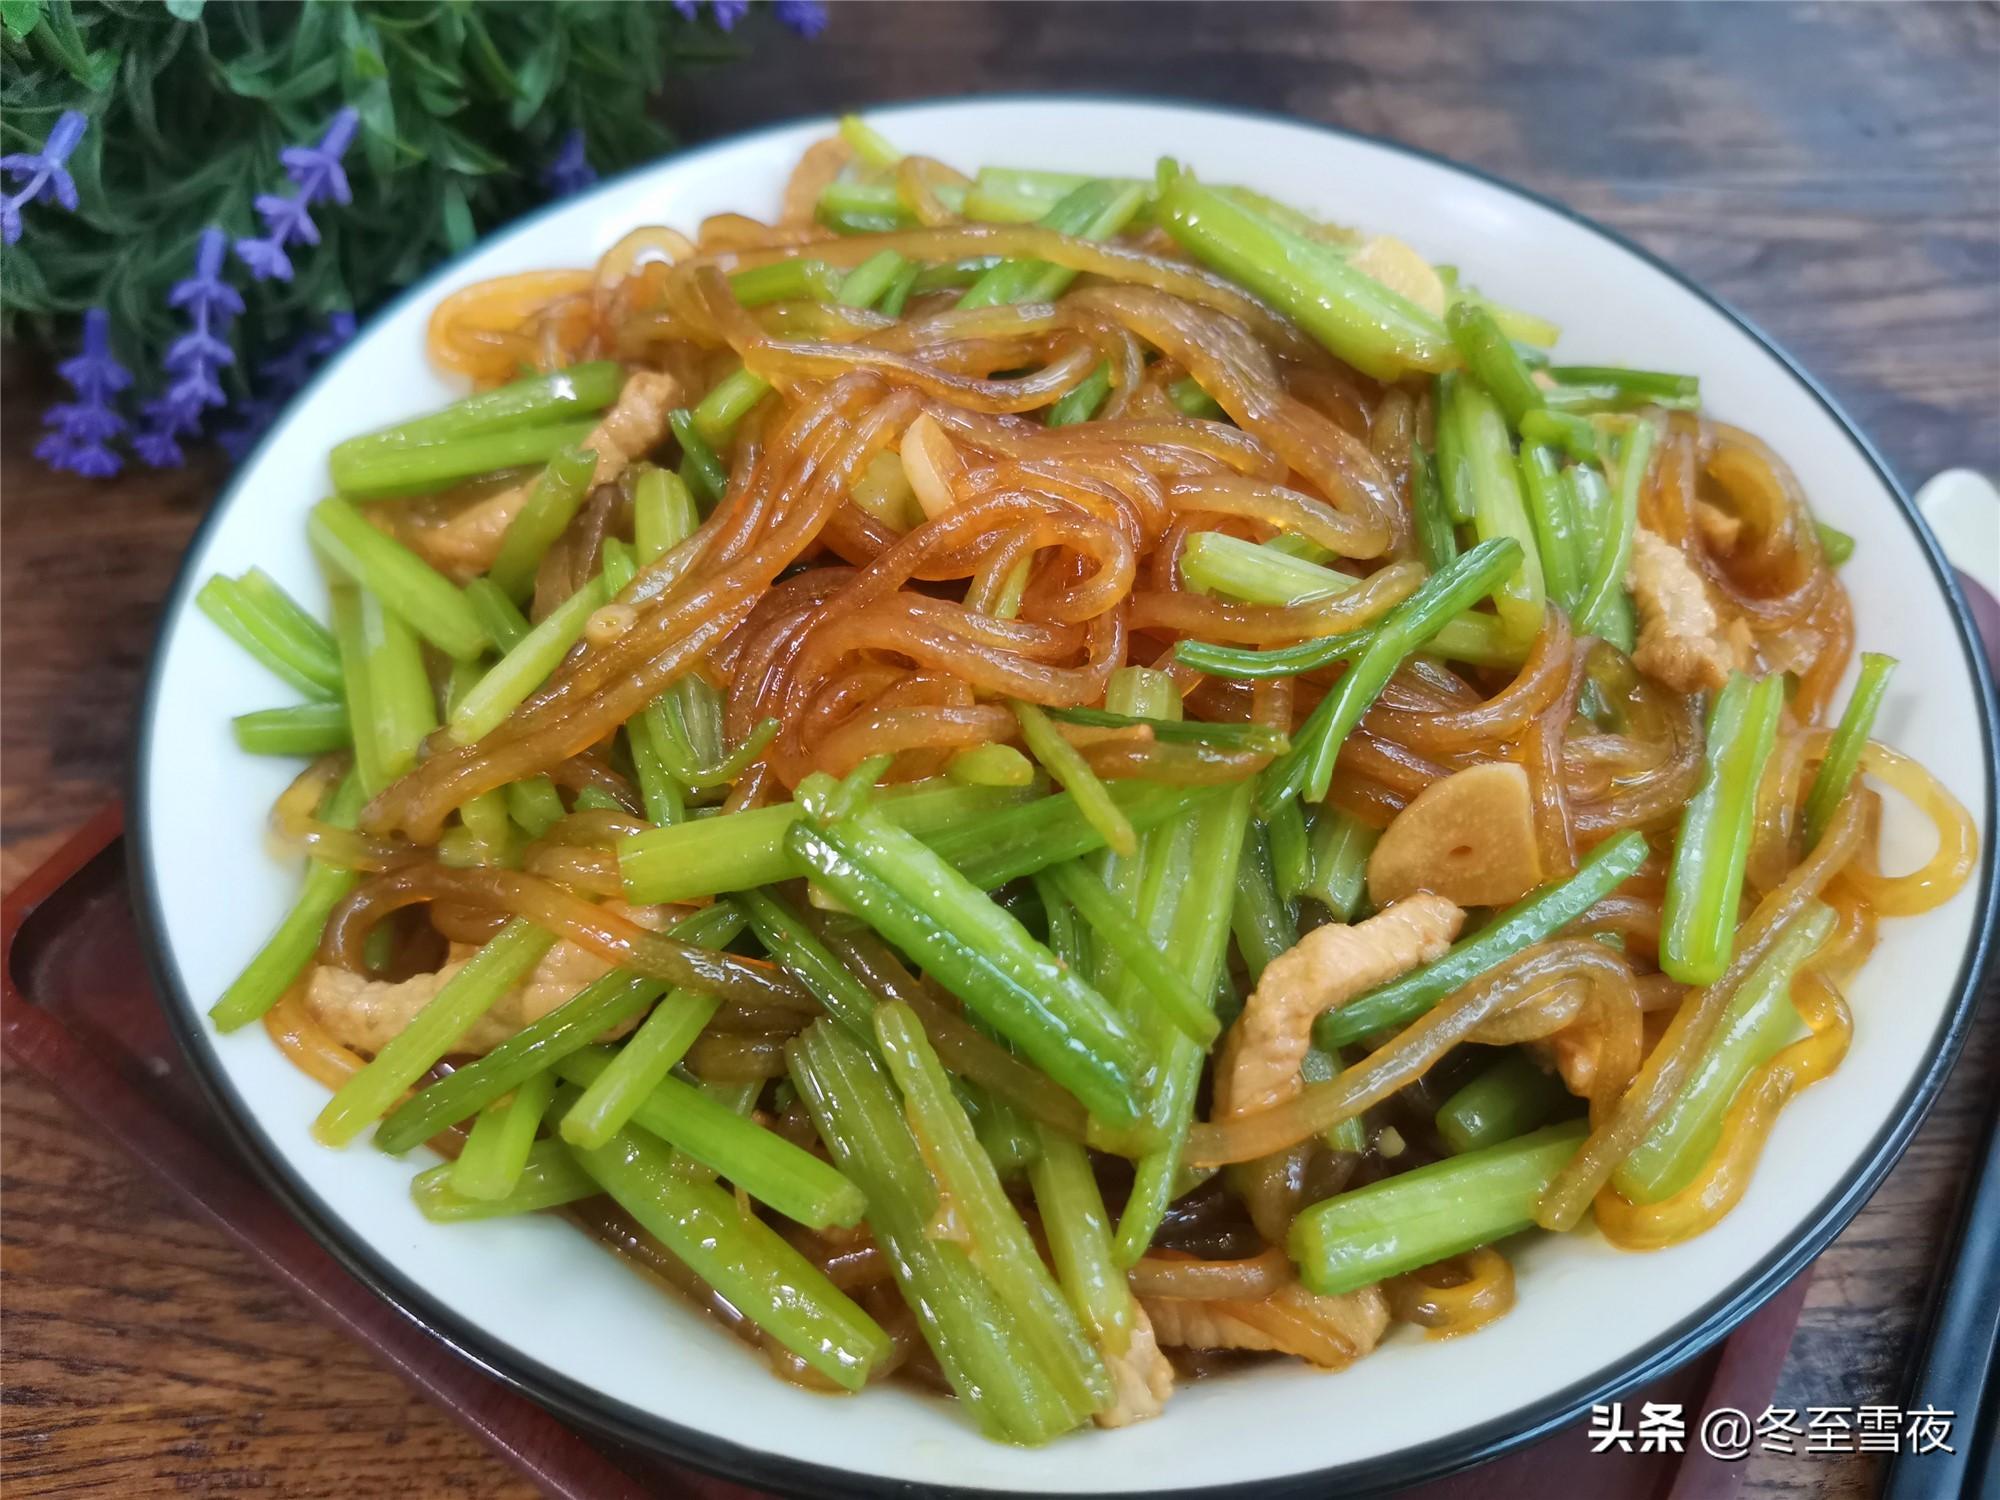 23道东北家常菜,吃了几十年都不腻,东北人都不一定全吃过 东北菜谱 第8张